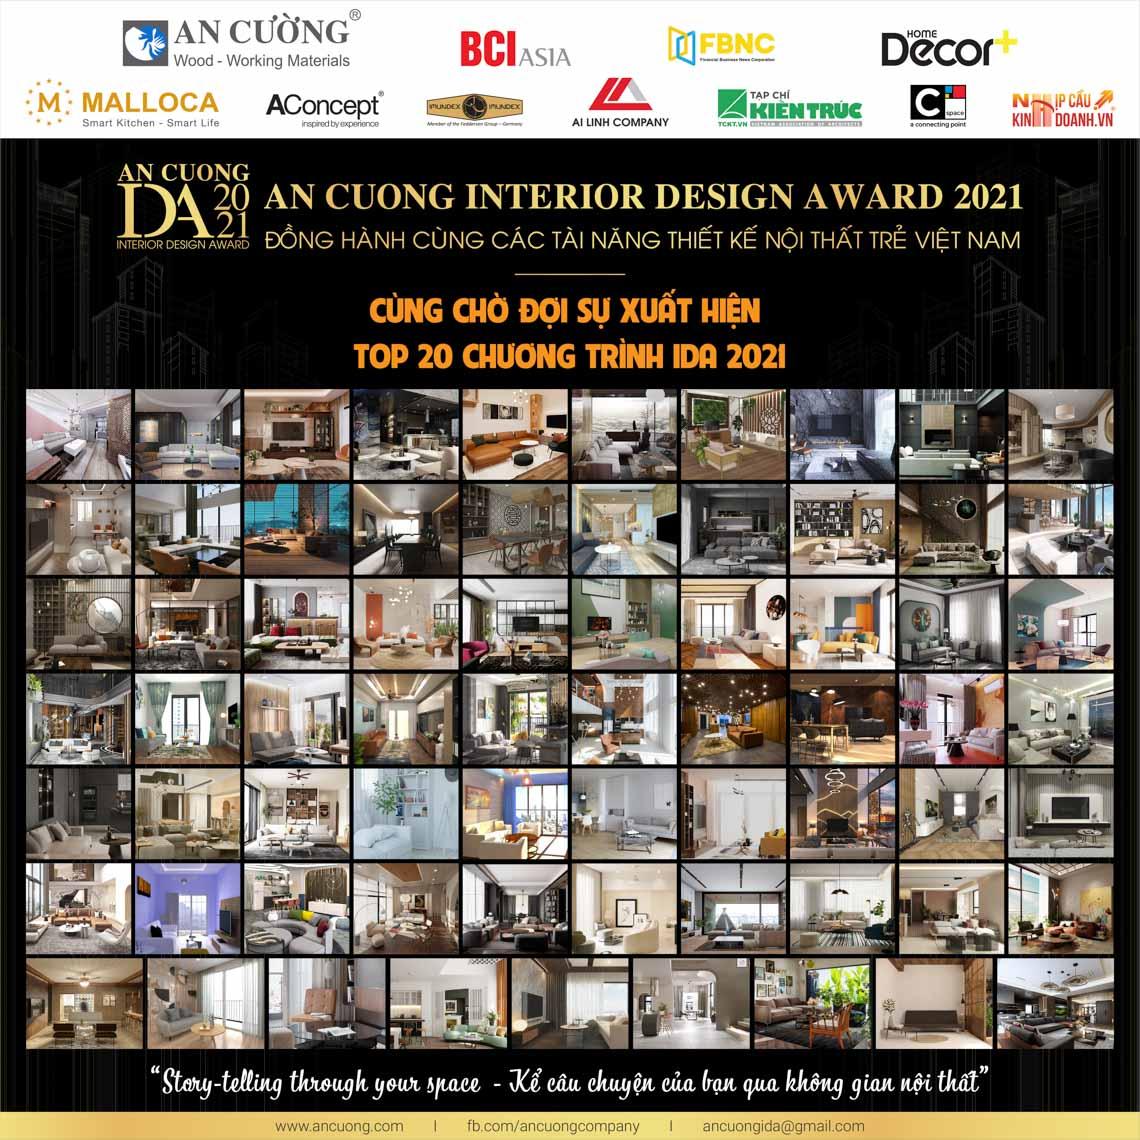 Hành trình đến với IDA 2021 để cùng An Cường kể câu chuyện qua không gian nội thất - 1